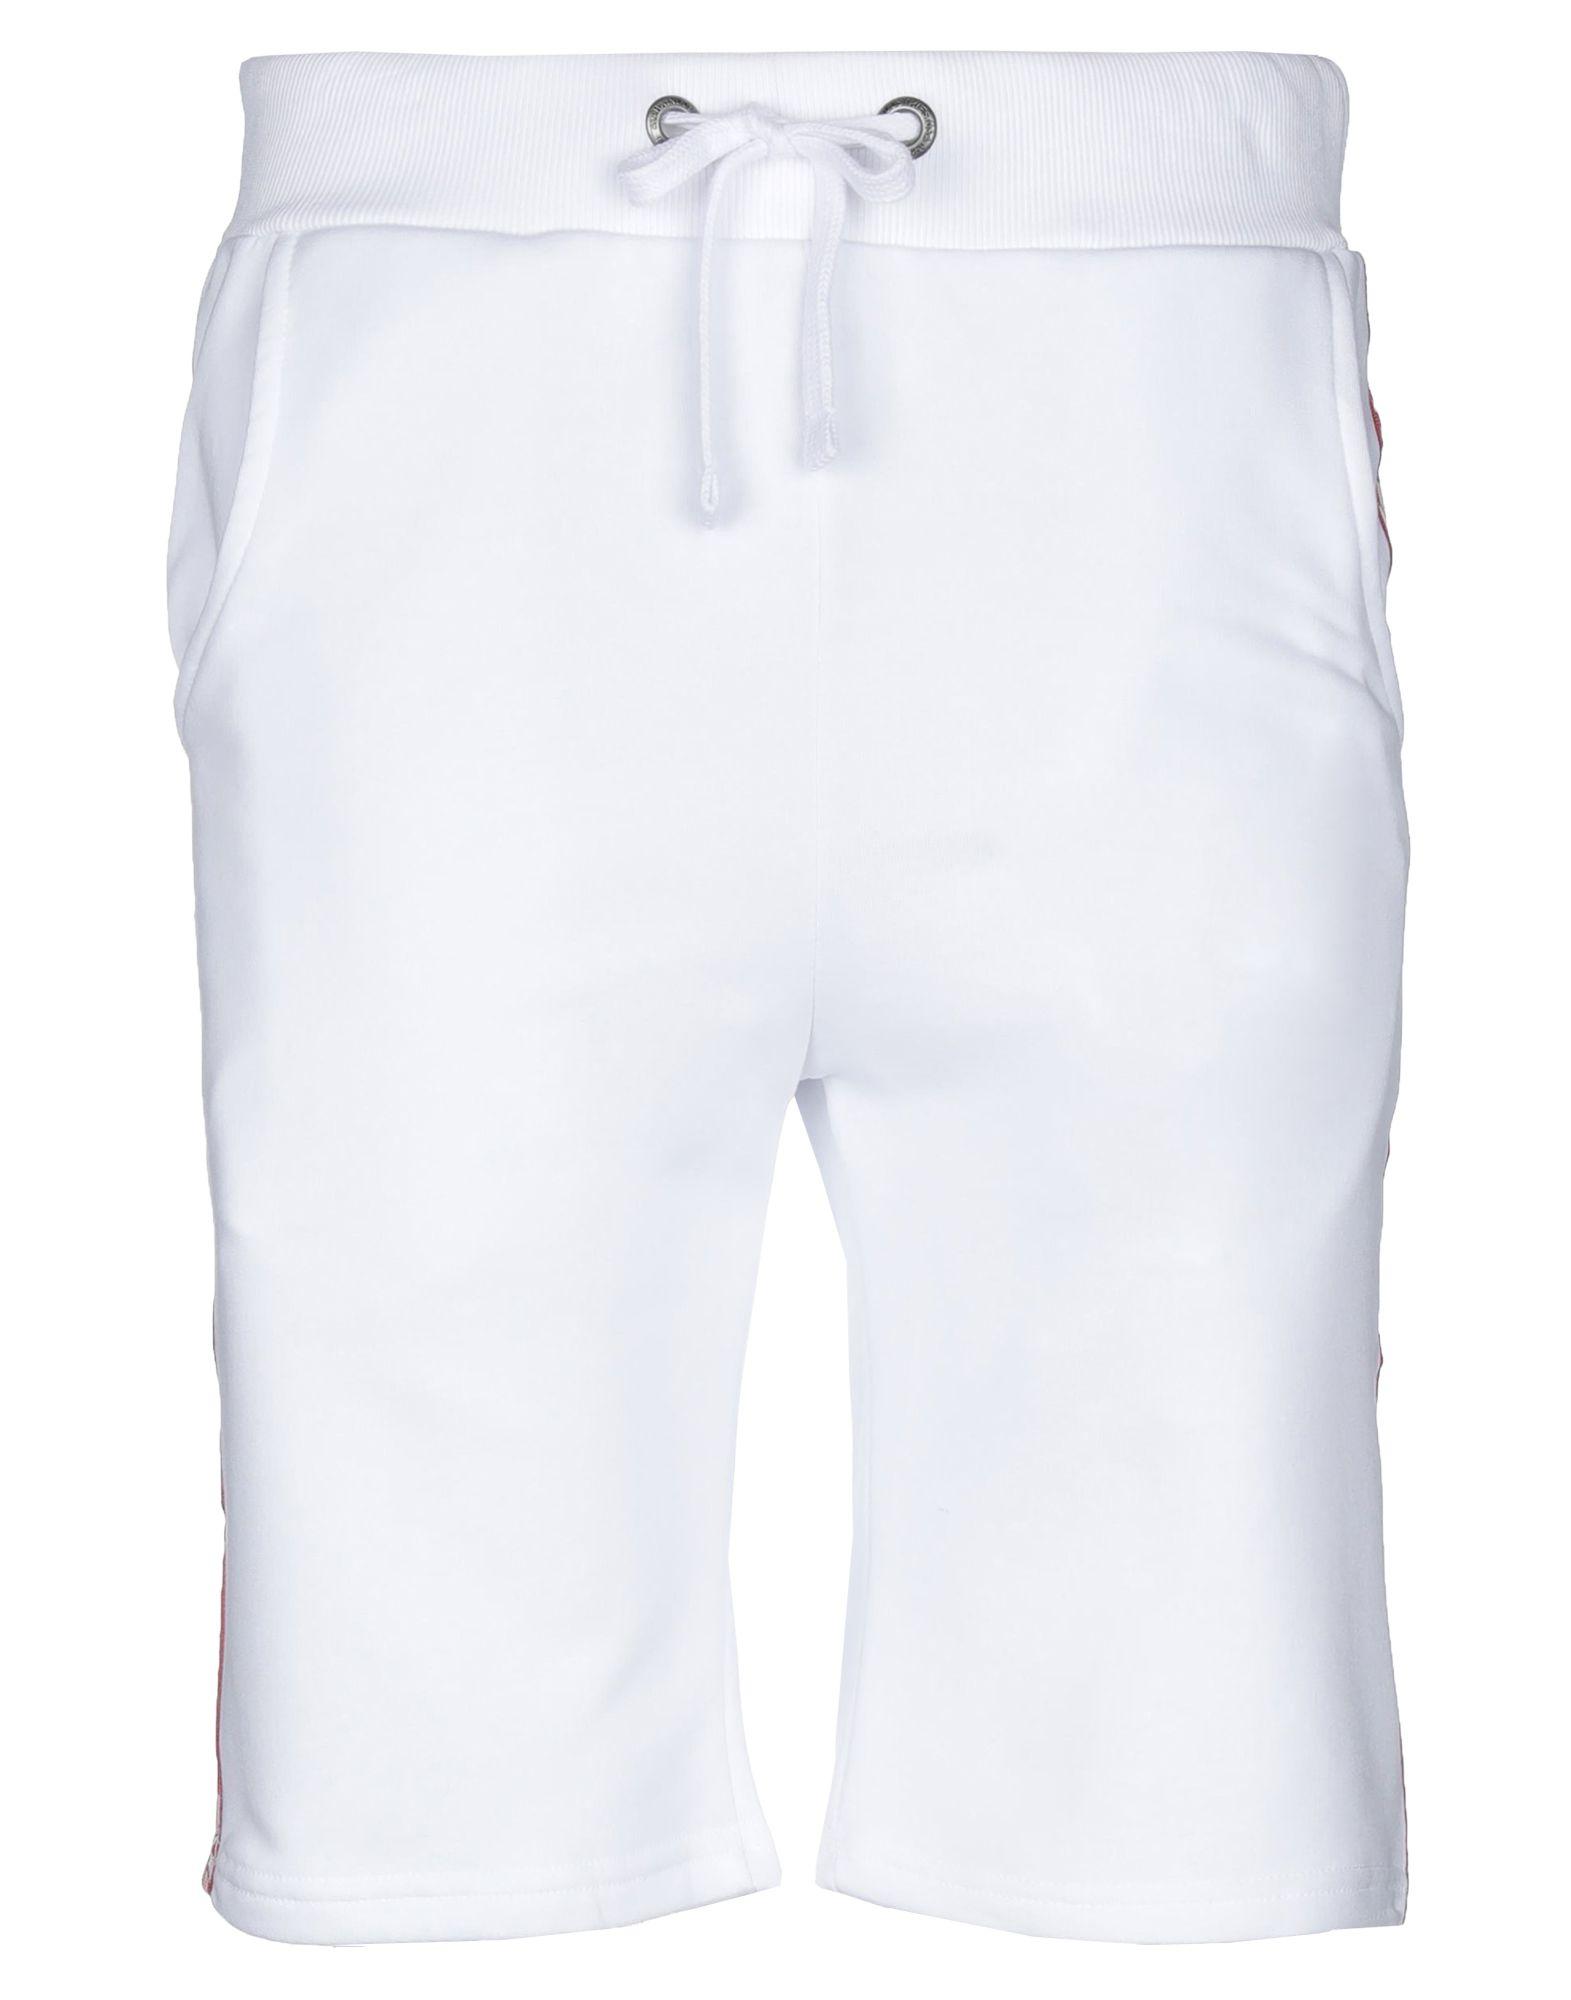 ALPHA INDUSTRIES メンズ ショートパンツ&バミューダ ホワイト